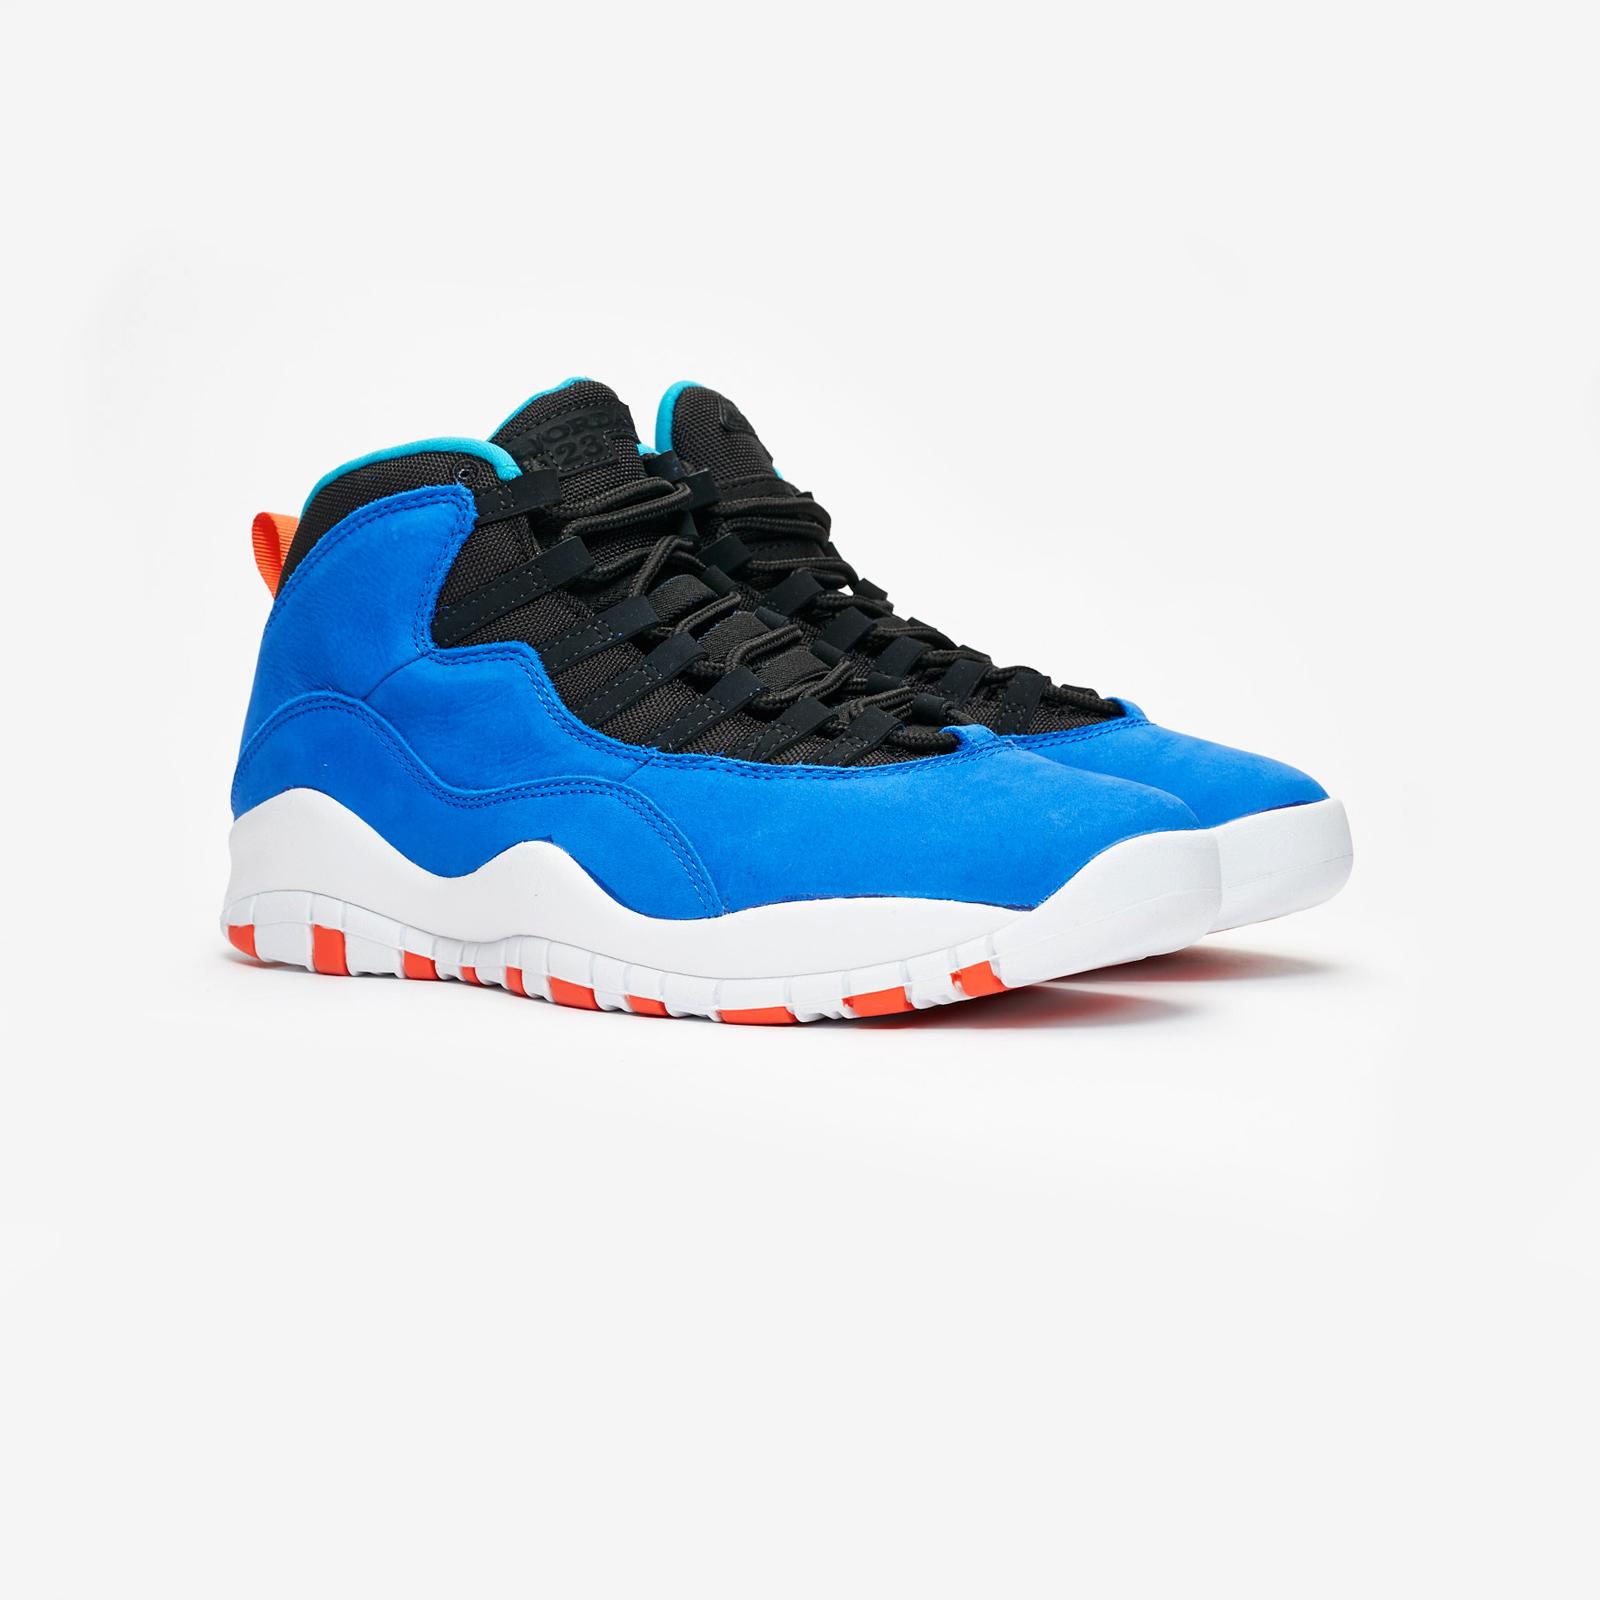 a1a03a2c0e38 Jordan Brand Air Jordan 10 Retro - 310805-408 - Sneakersnstuff ...